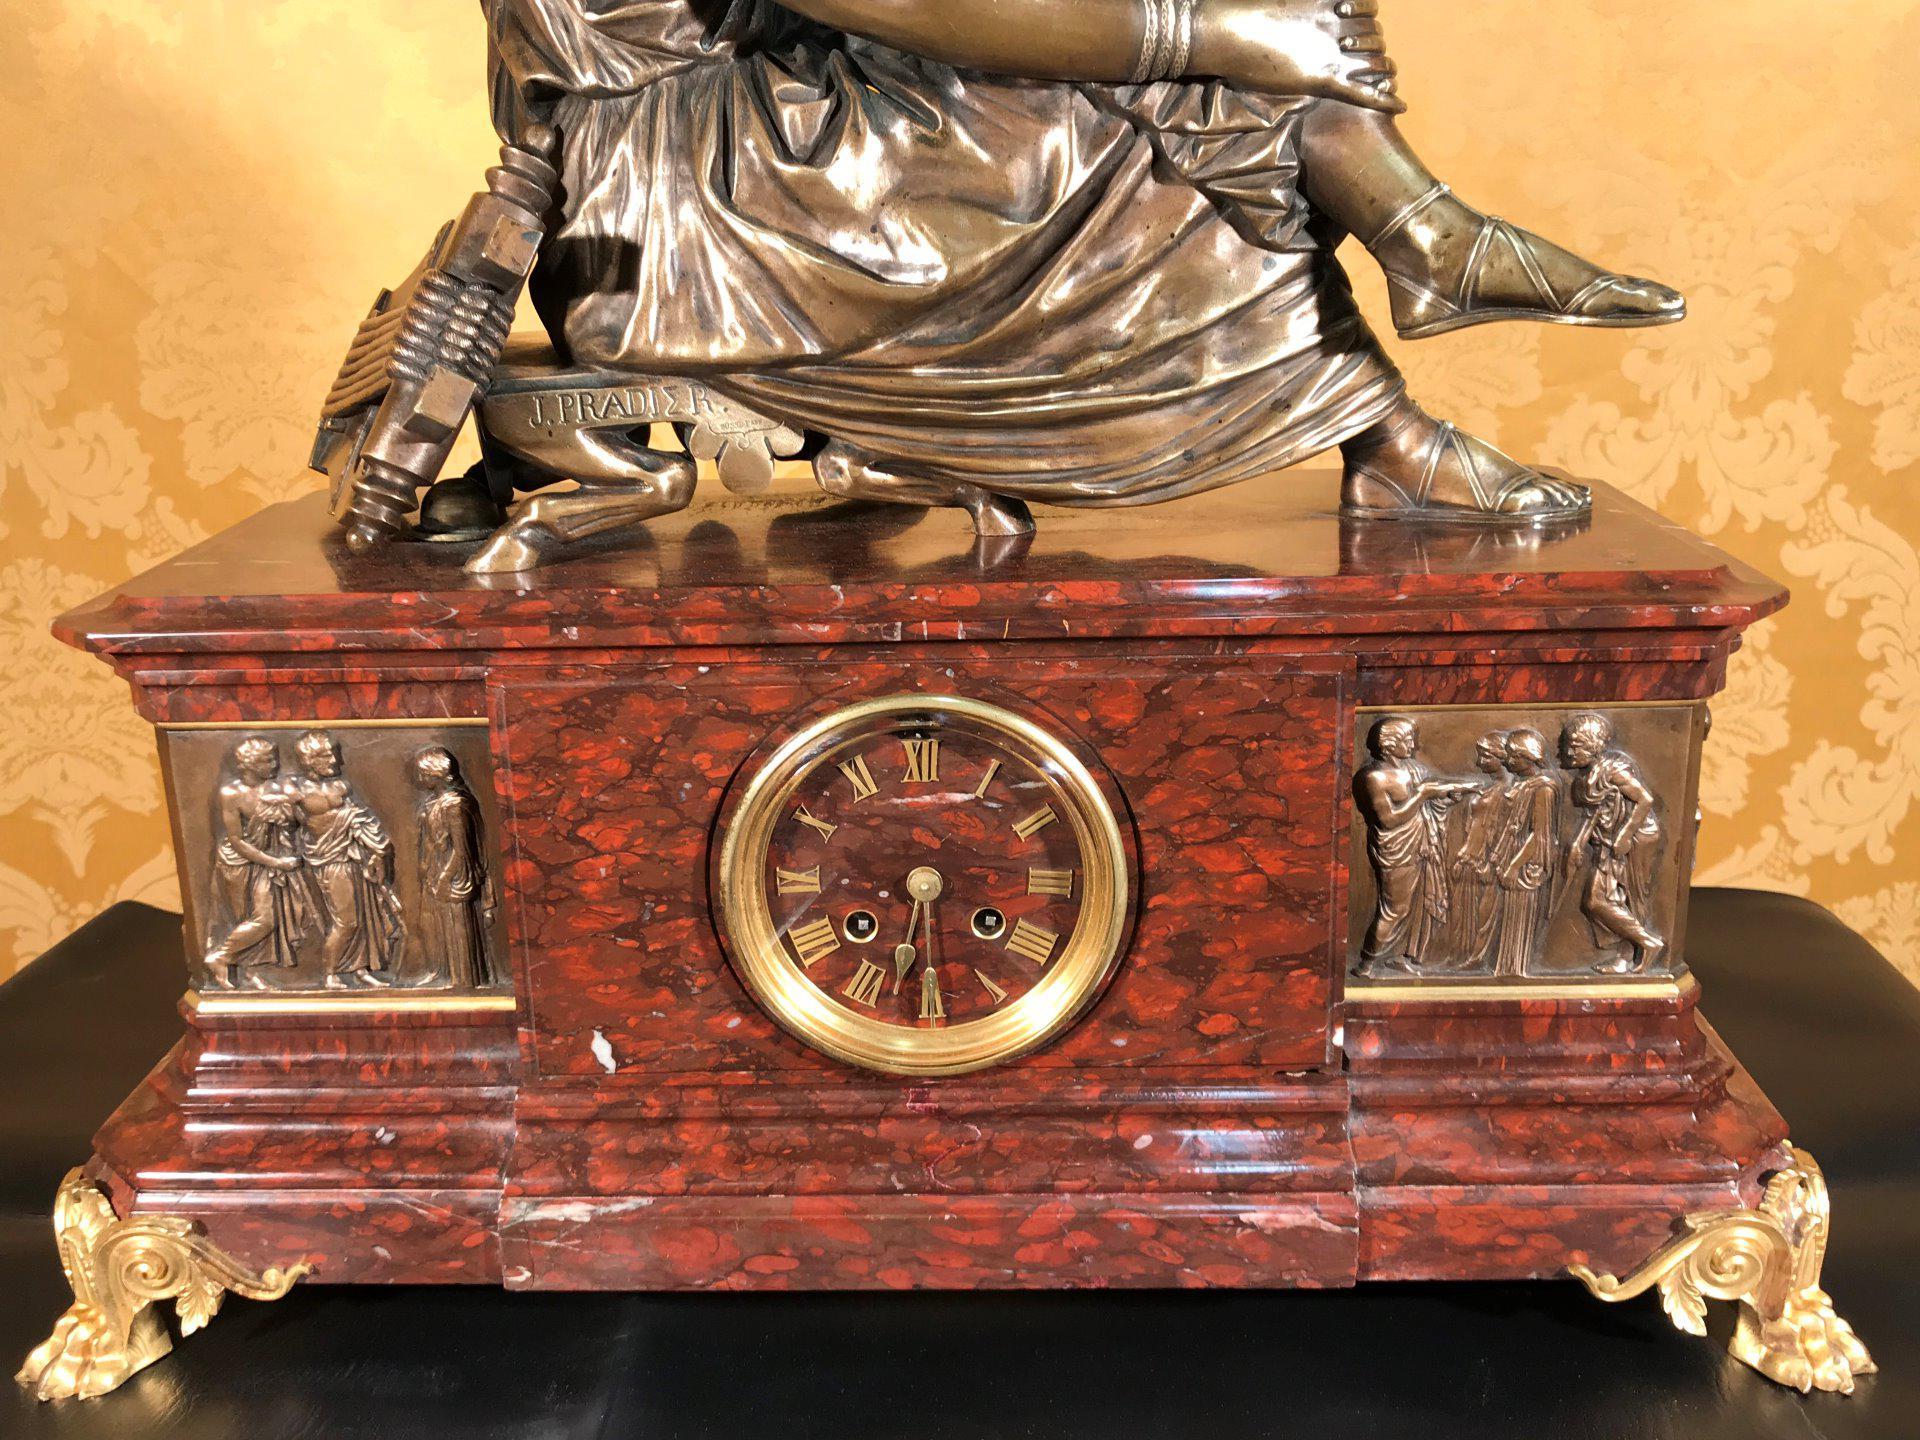 thumb2|Importante orologio a pendolo con marmo e bronzo firmato